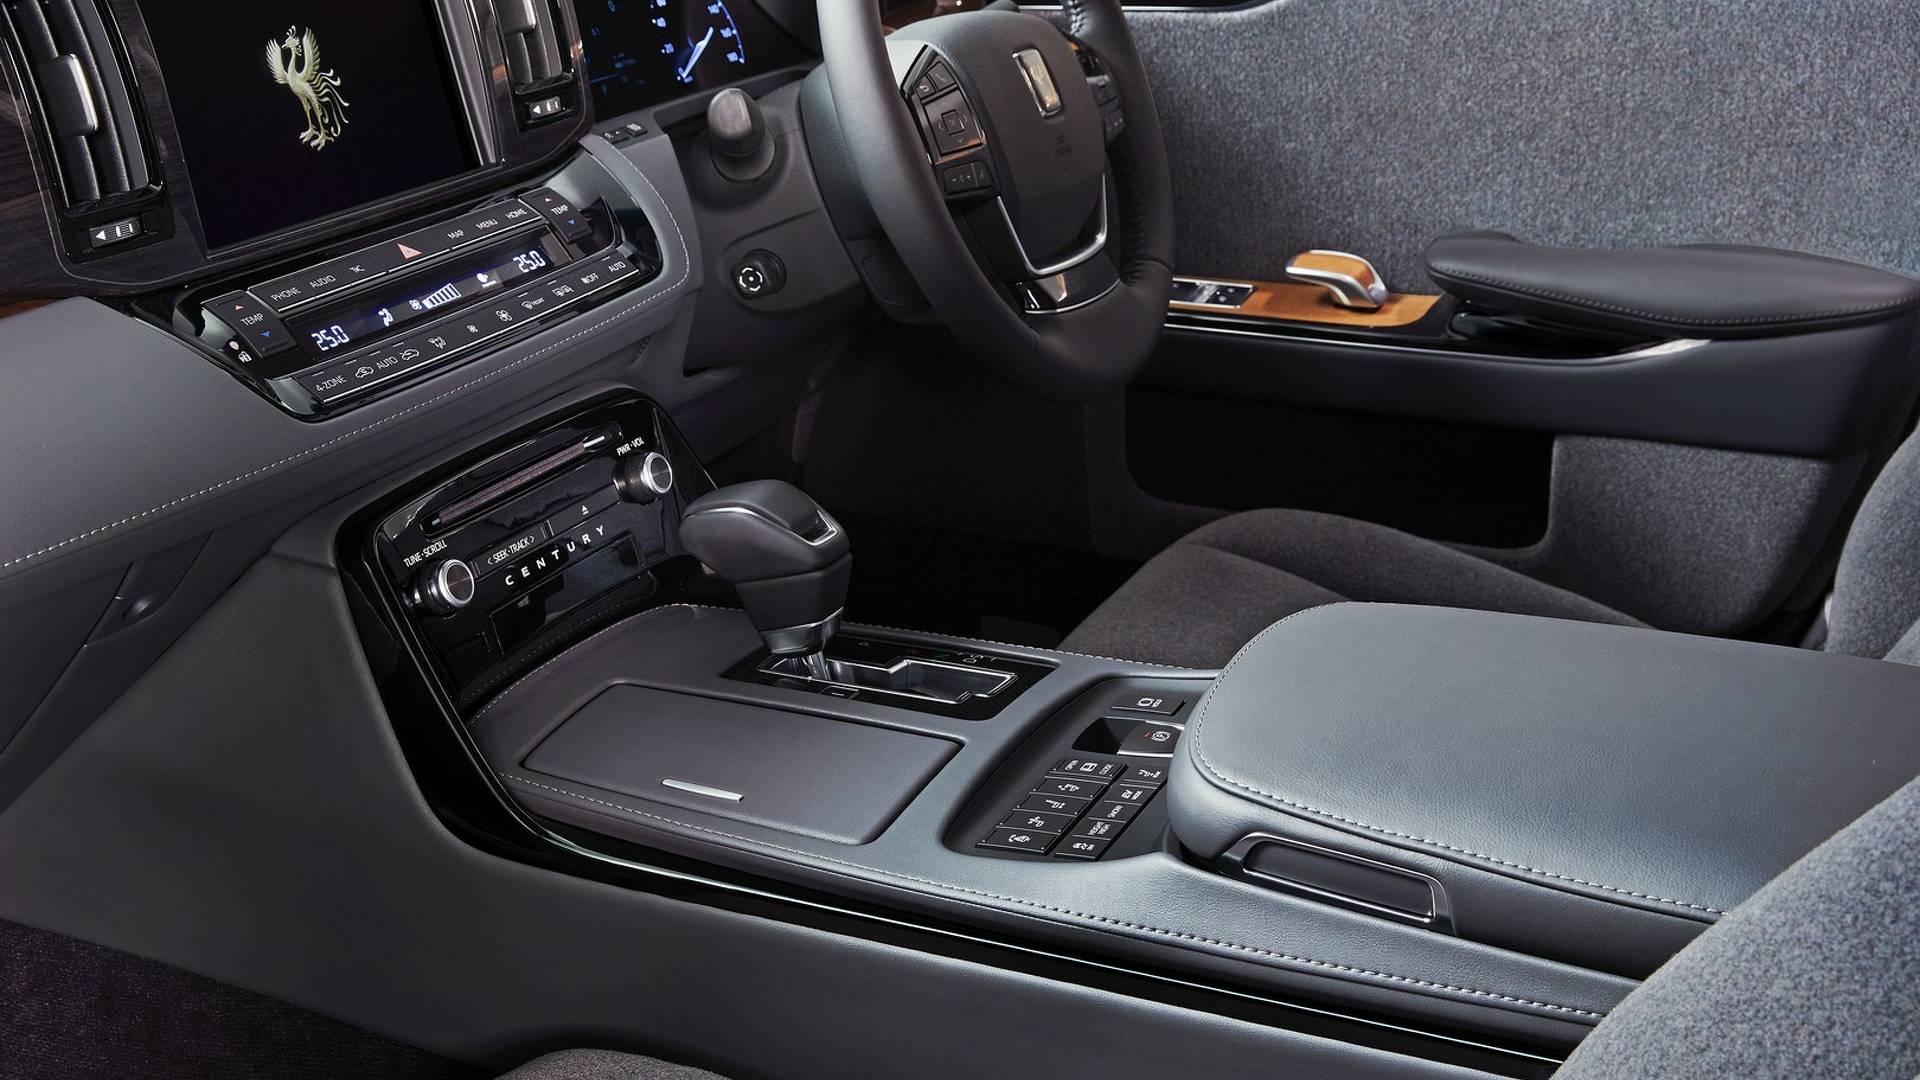 2018 toyota century hybrid luxury sedan goes on sale in japan autoevolution. Black Bedroom Furniture Sets. Home Design Ideas